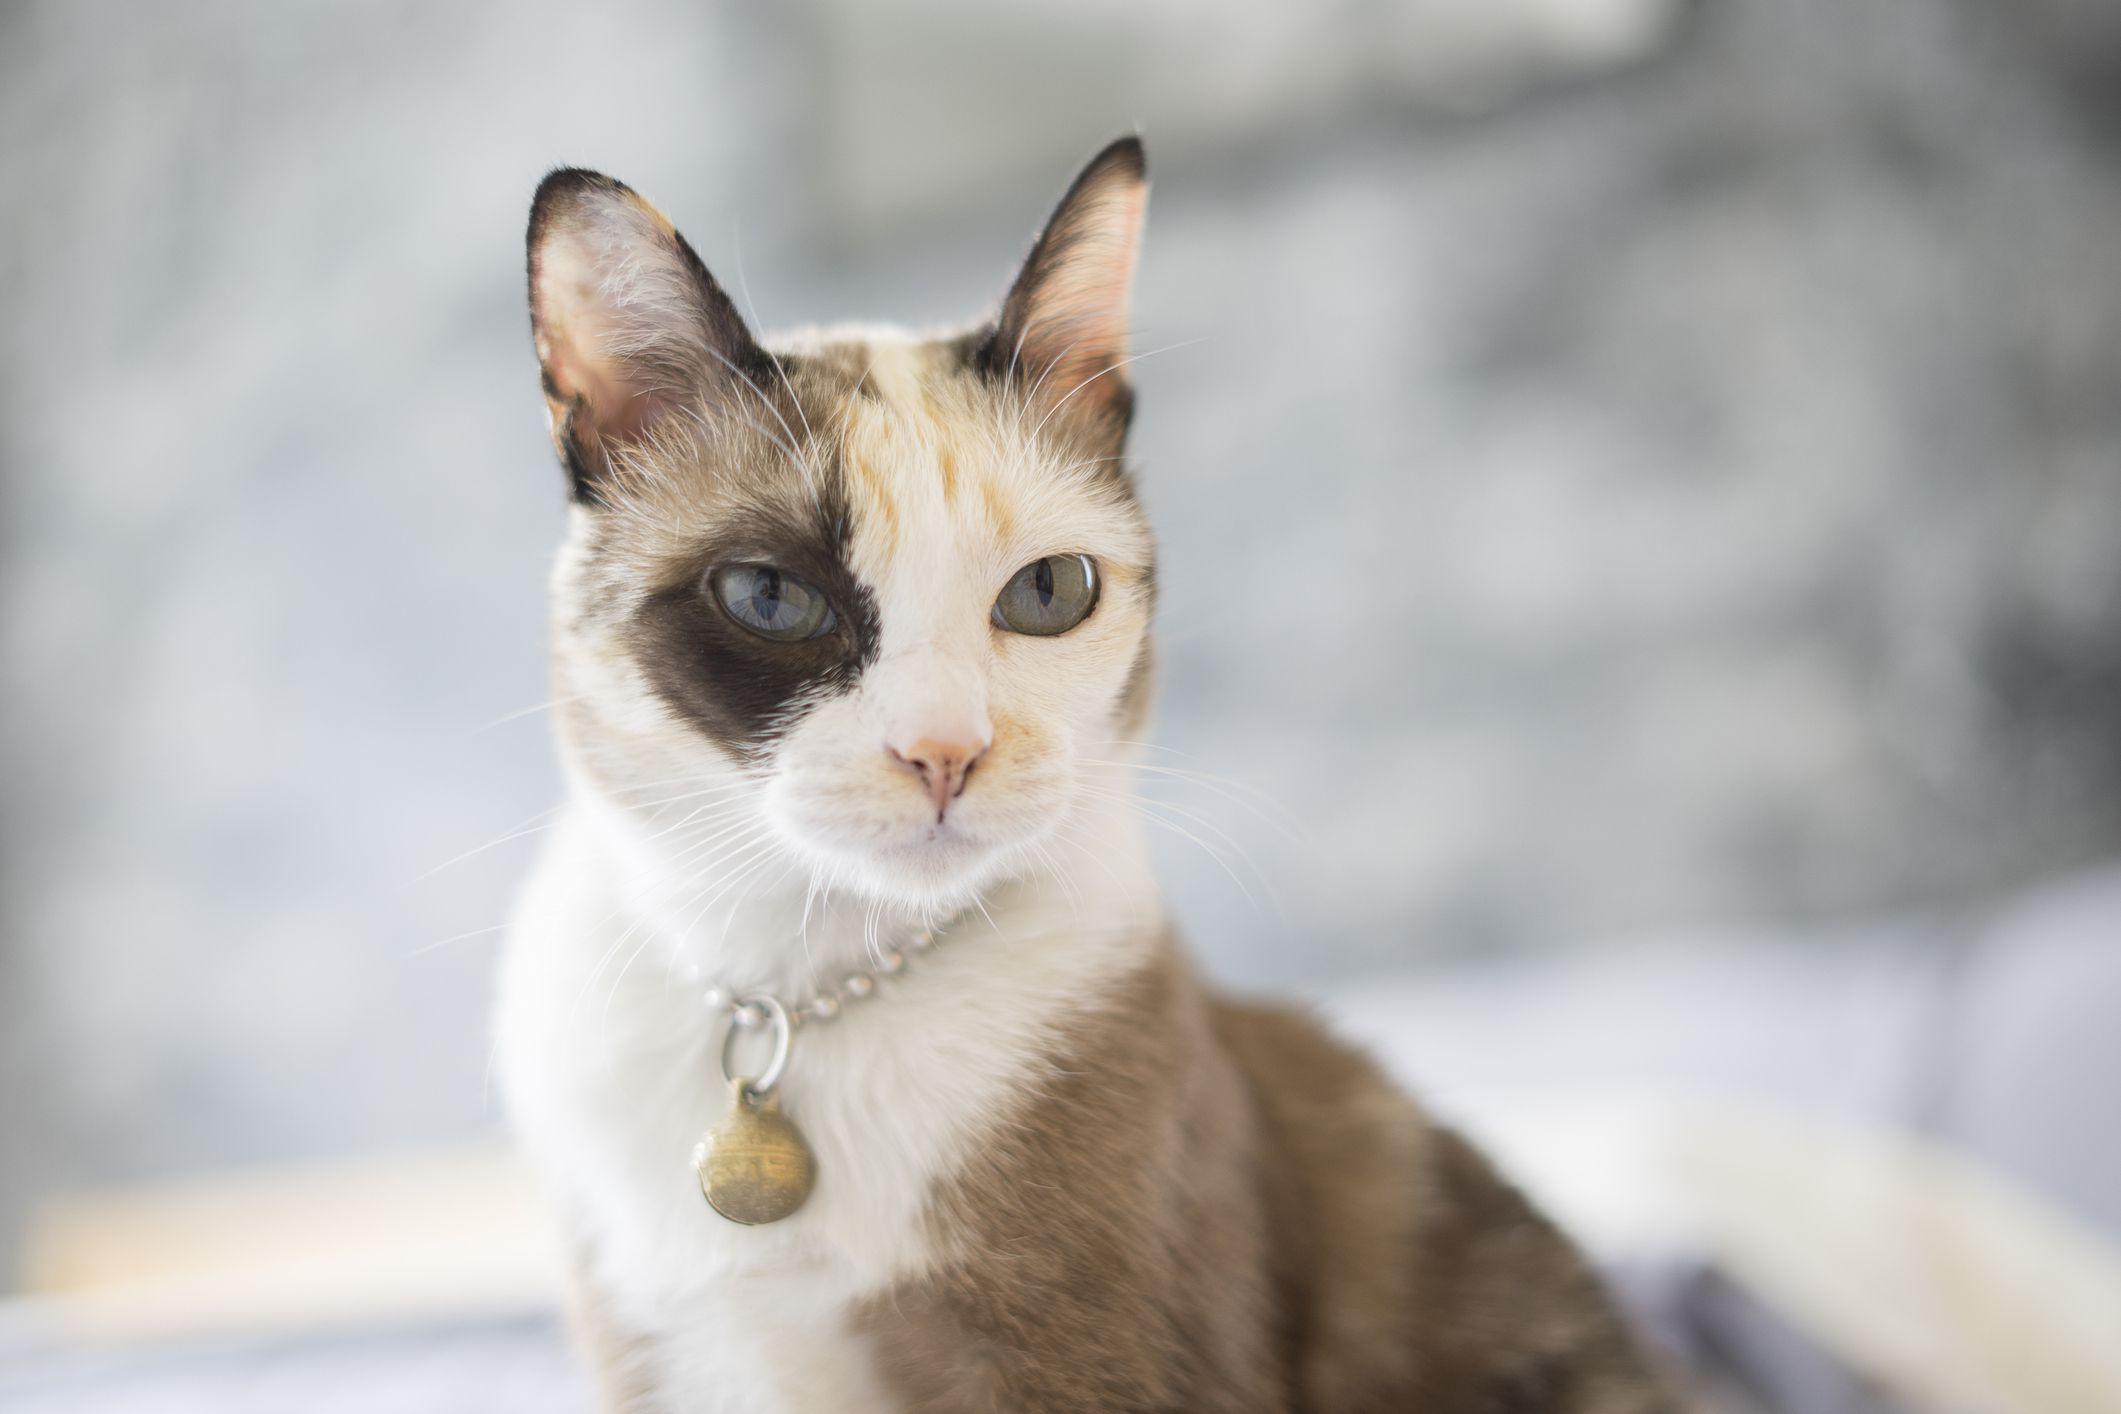 A calico Korat cat with blue eyes sitting up.